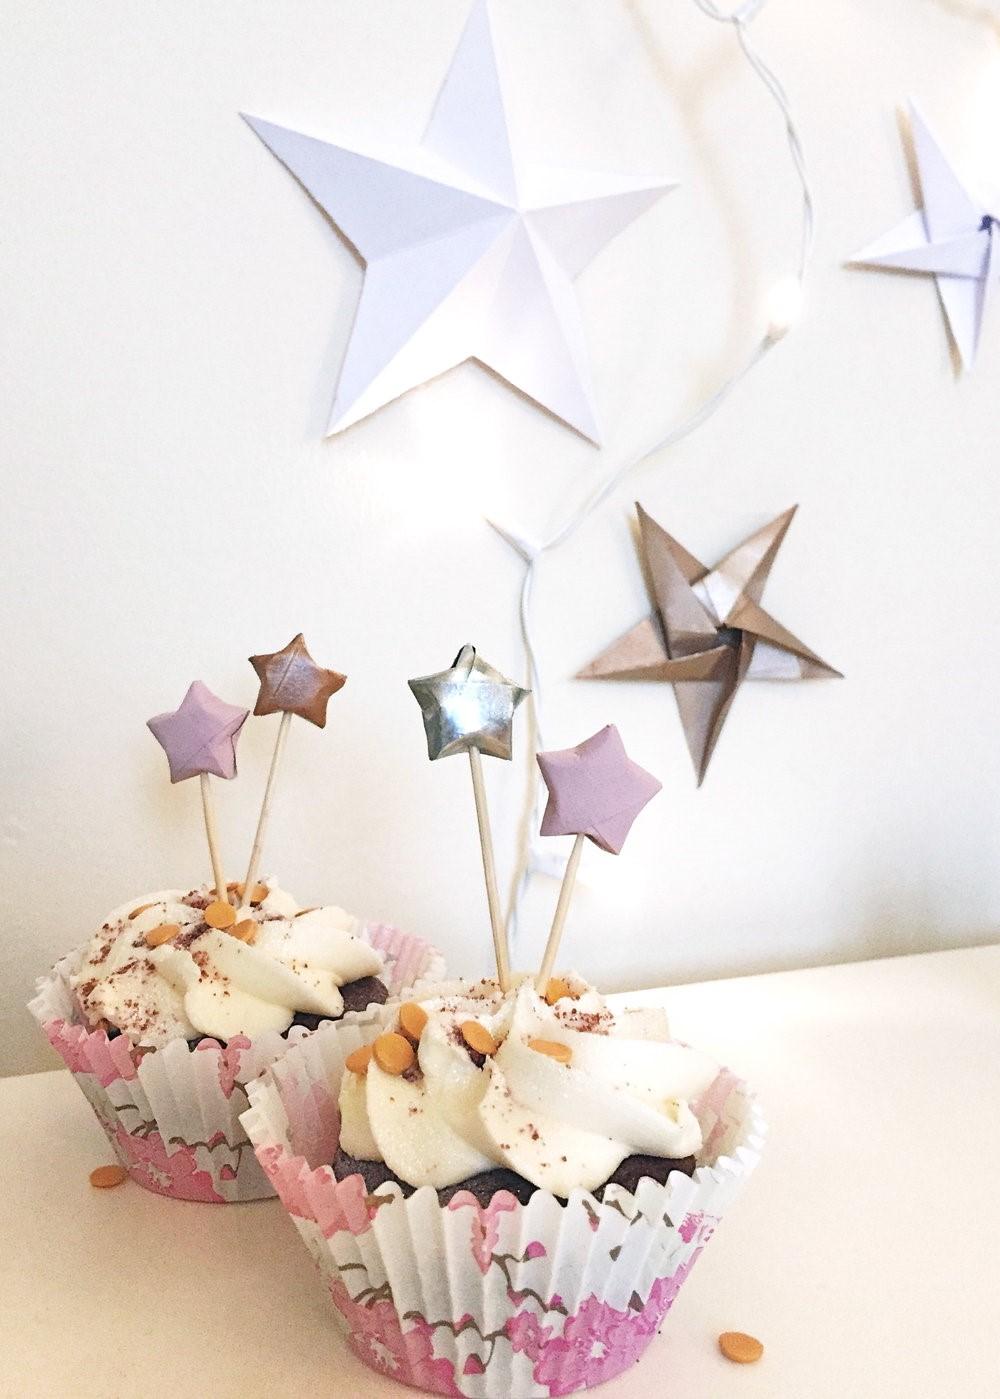 Étoile en origami facile comme décoration de fête.